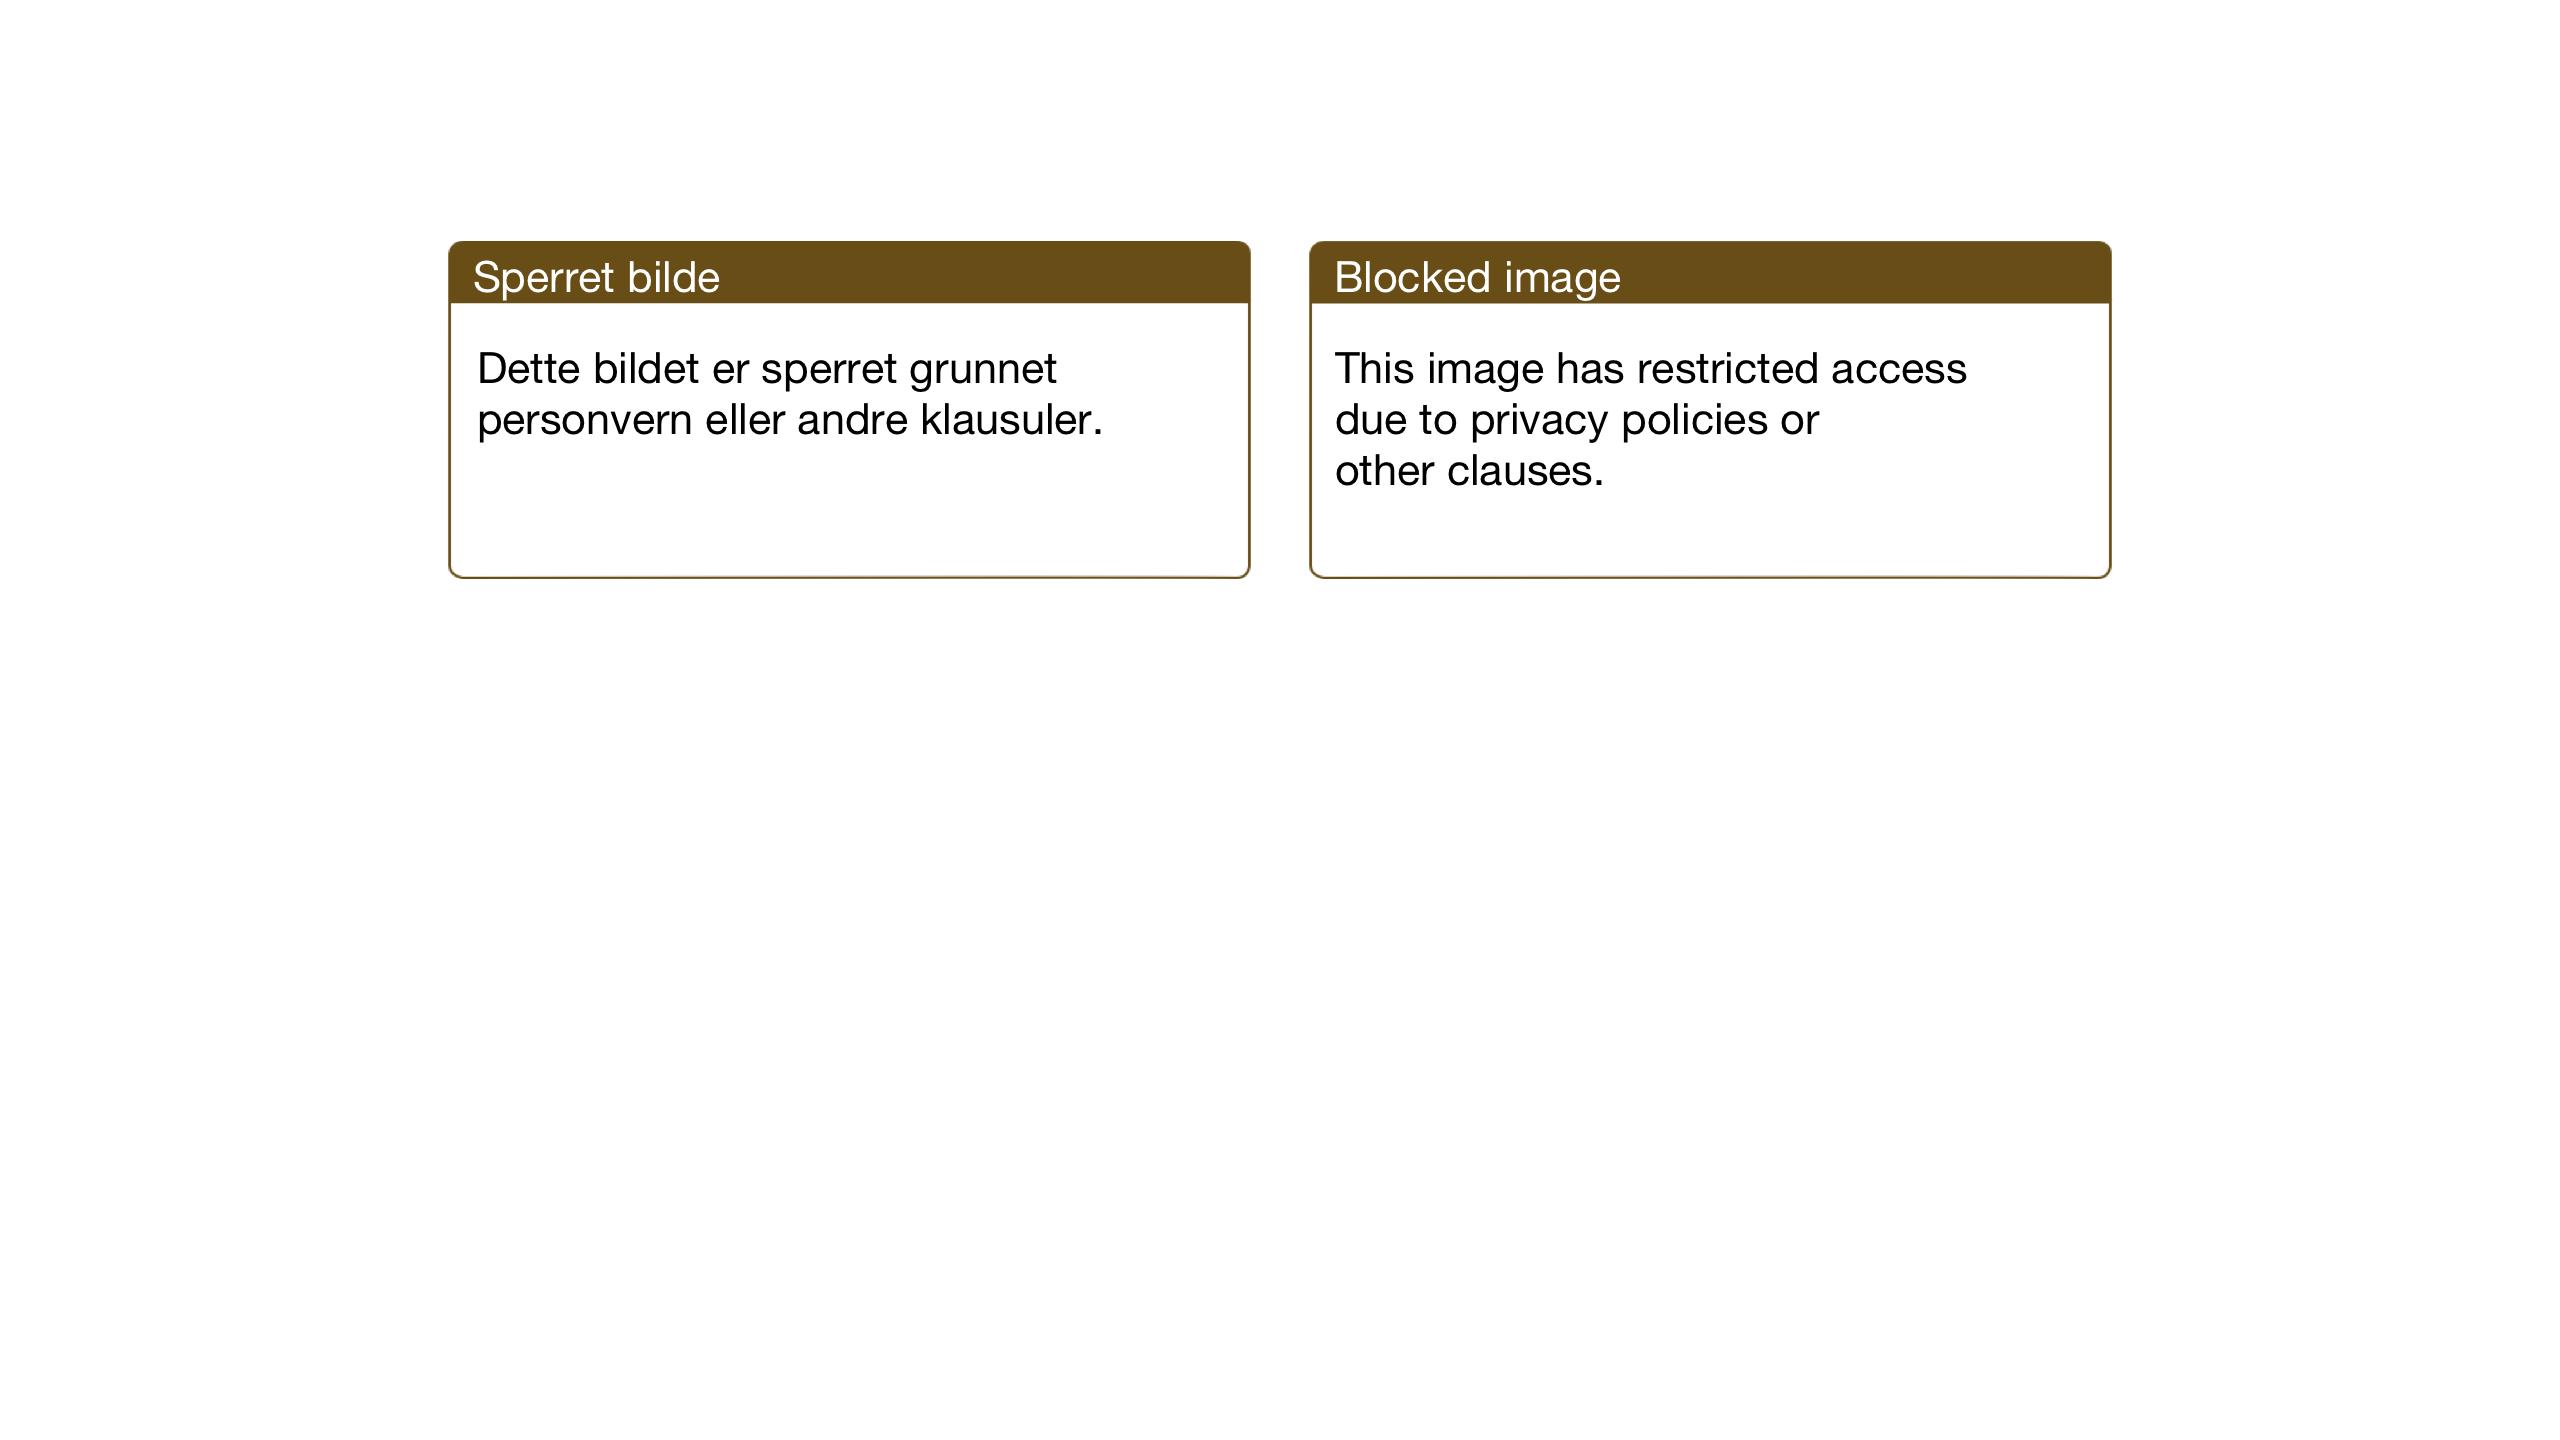 SAT, Ministerialprotokoller, klokkerbøker og fødselsregistre - Sør-Trøndelag, 603/L0174: Klokkerbok nr. 603C02, 1923-1951, s. 136